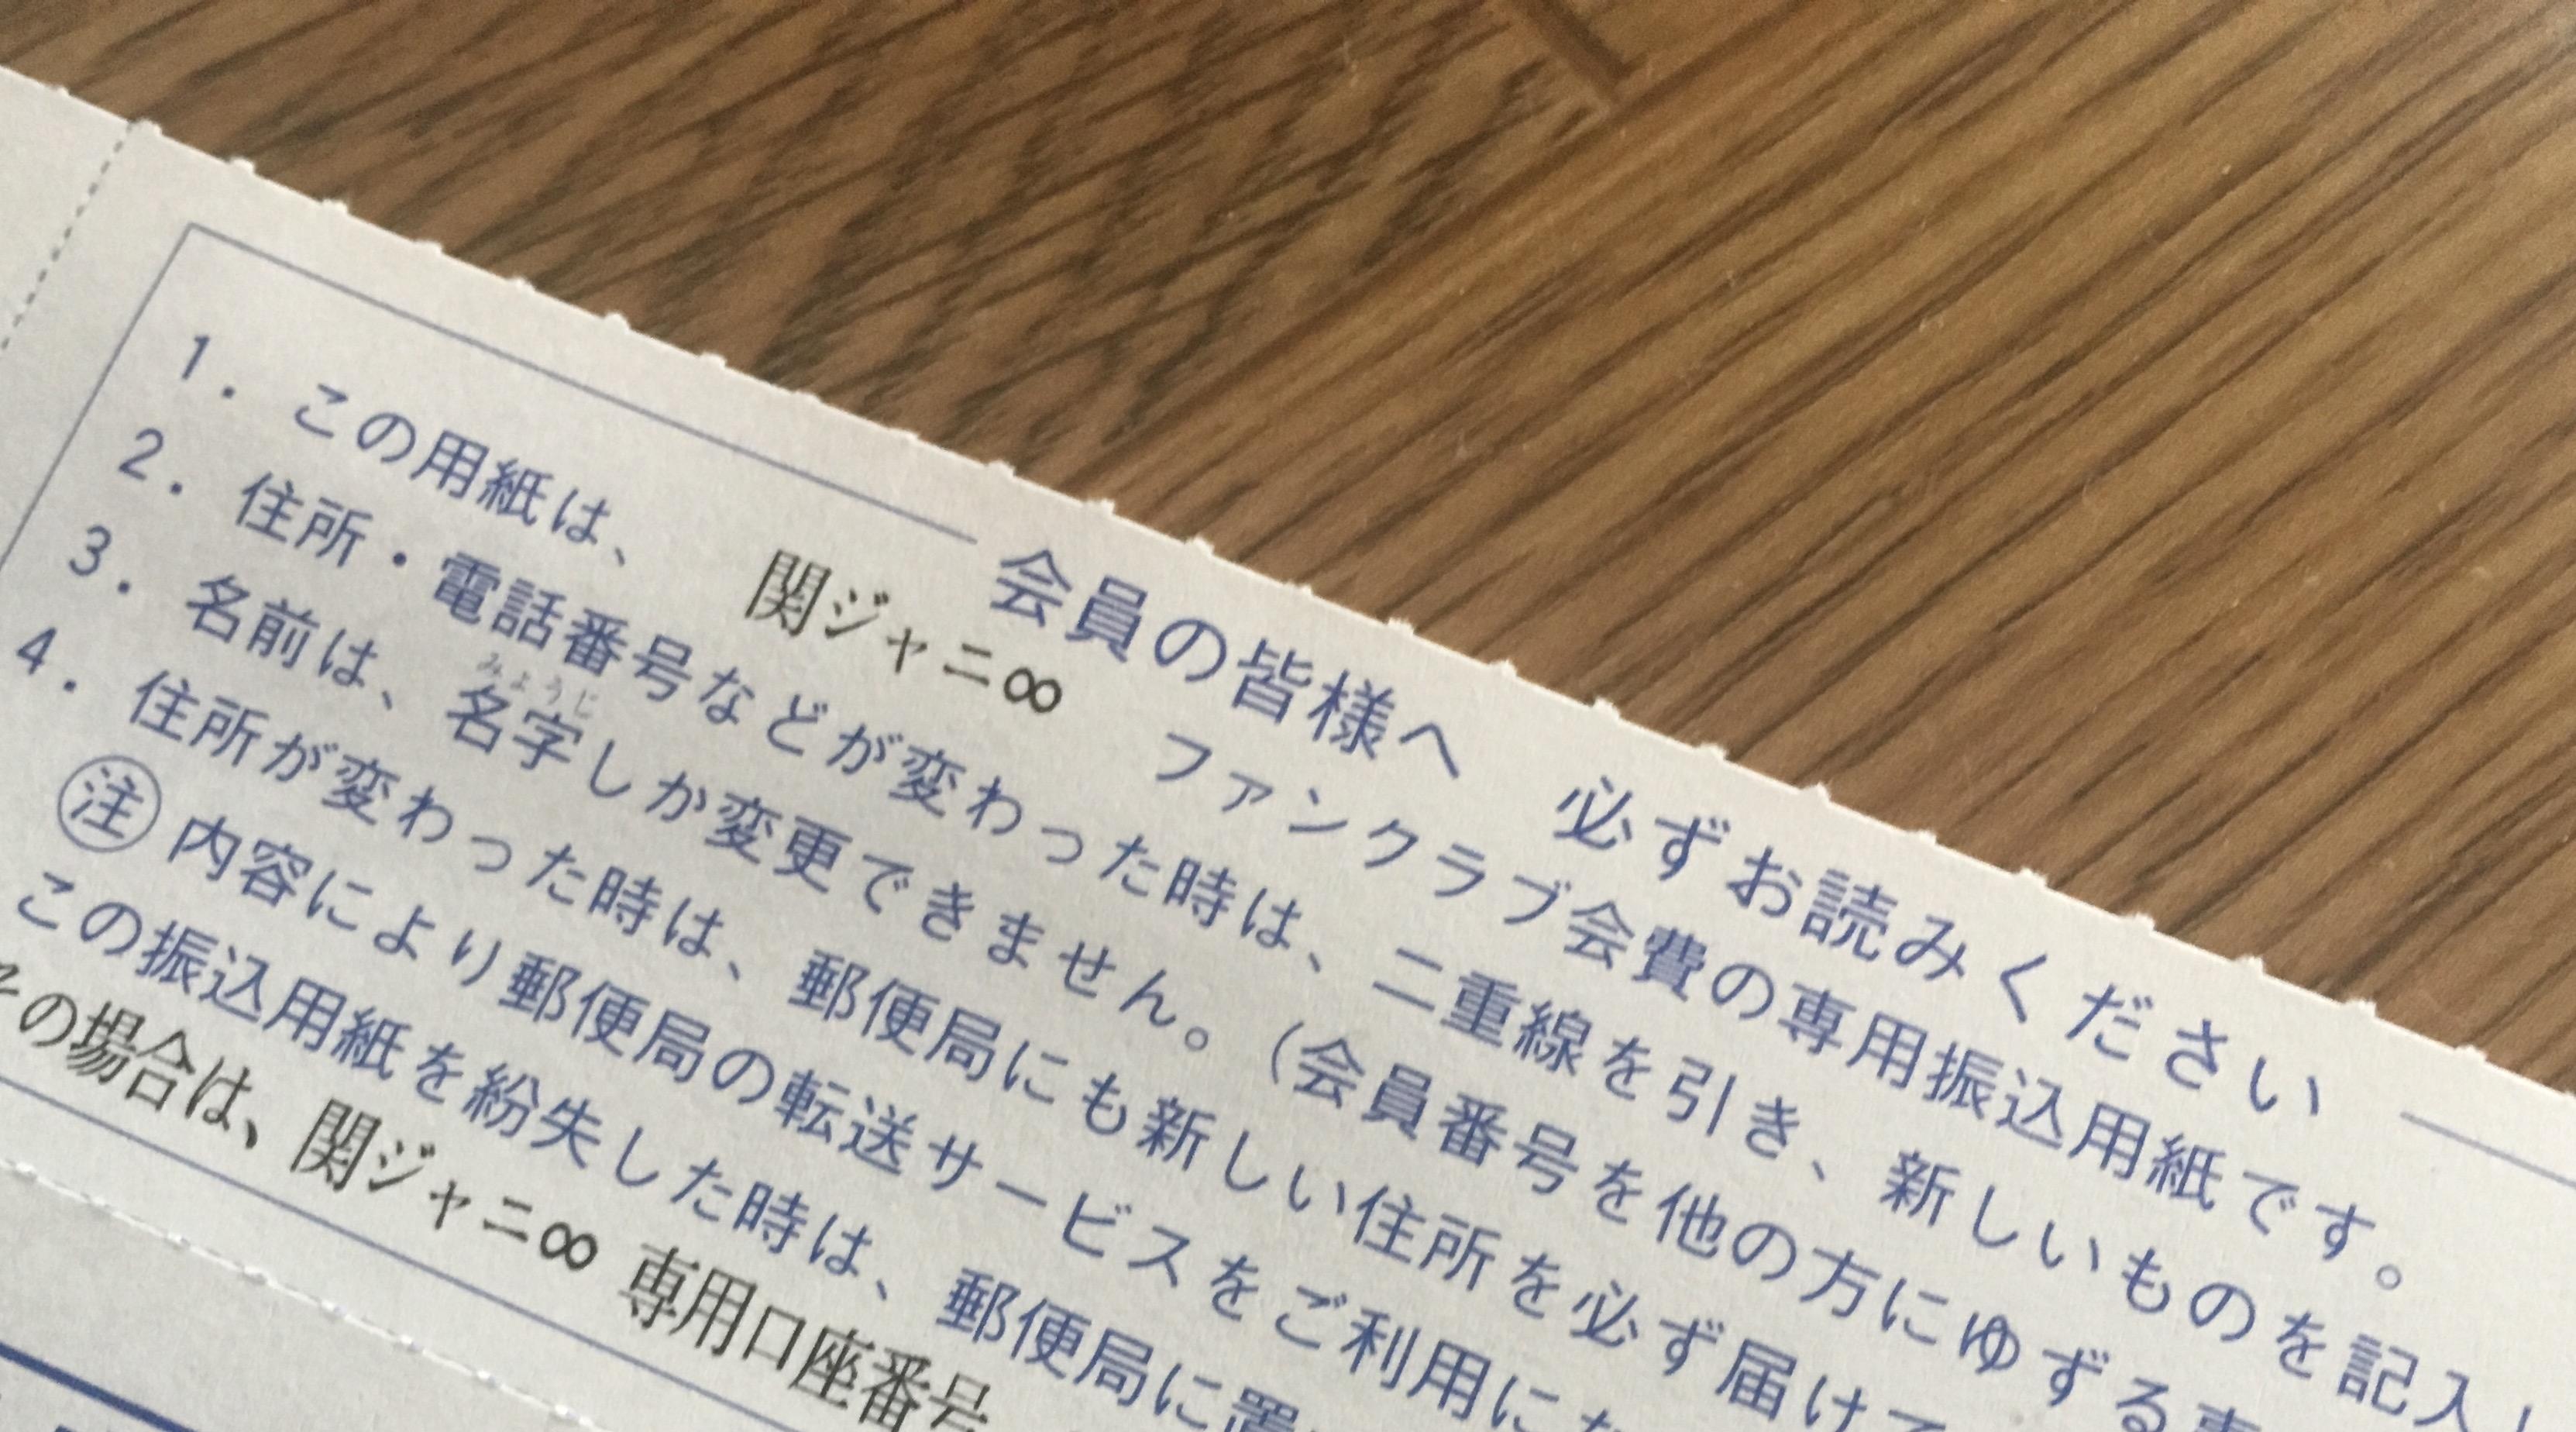 関 ジャニ ファン クラブ サイト